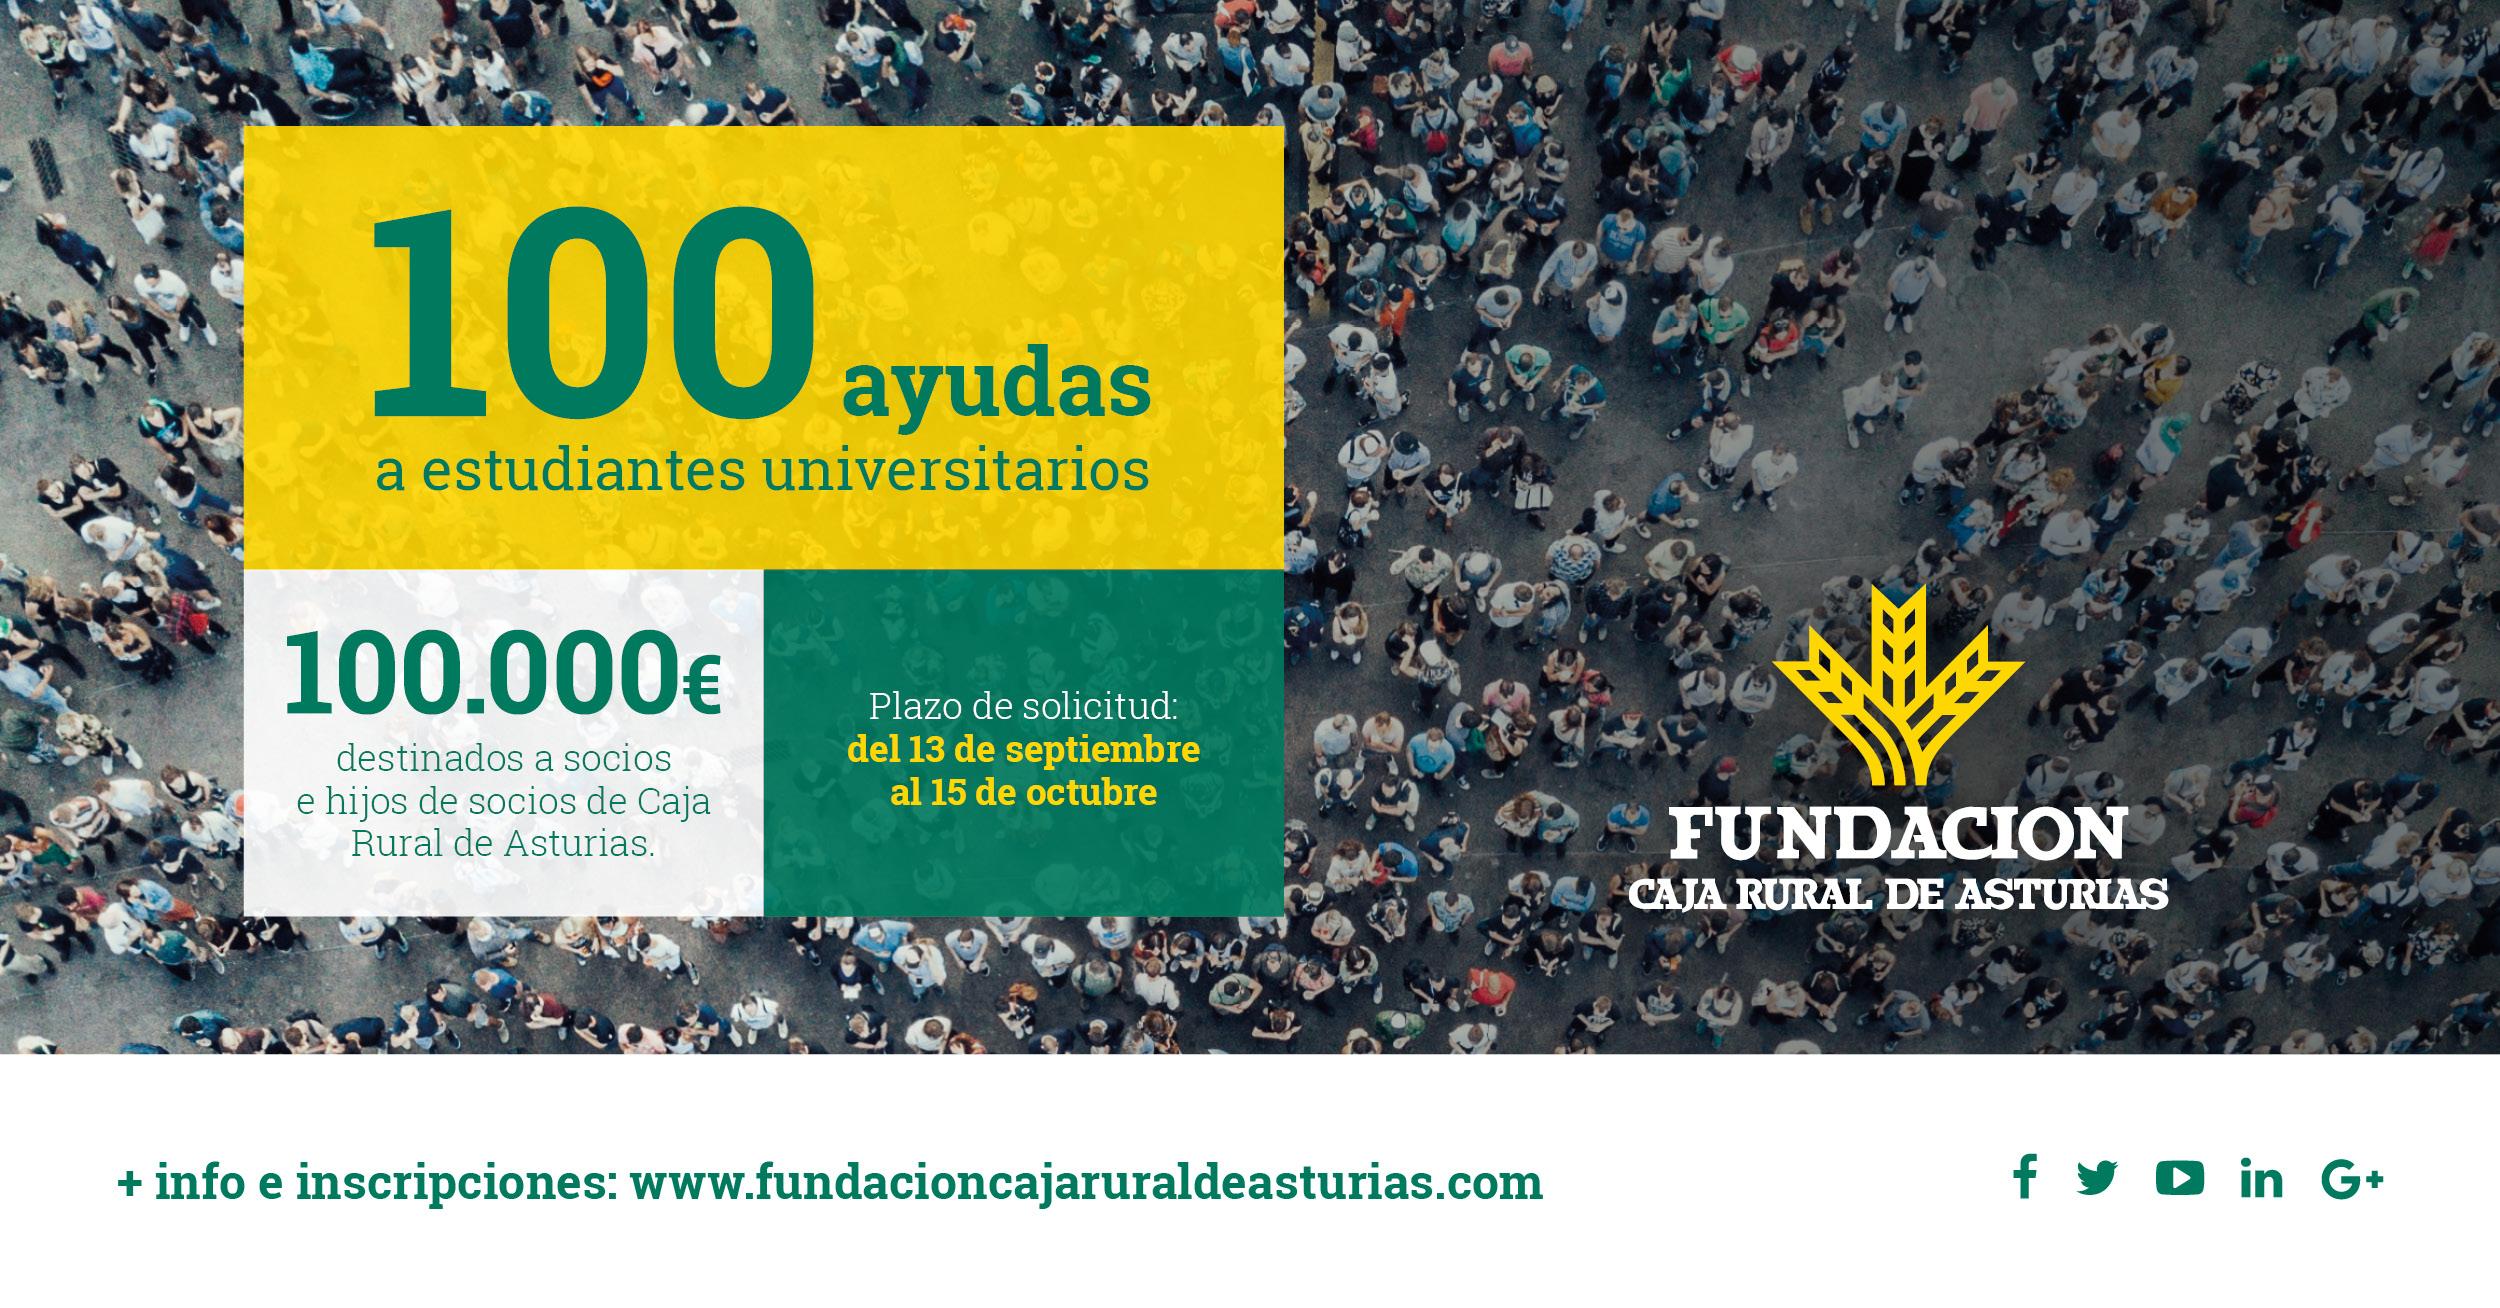 Ayudas Universitarias 2019 Caja Rural de Asturias